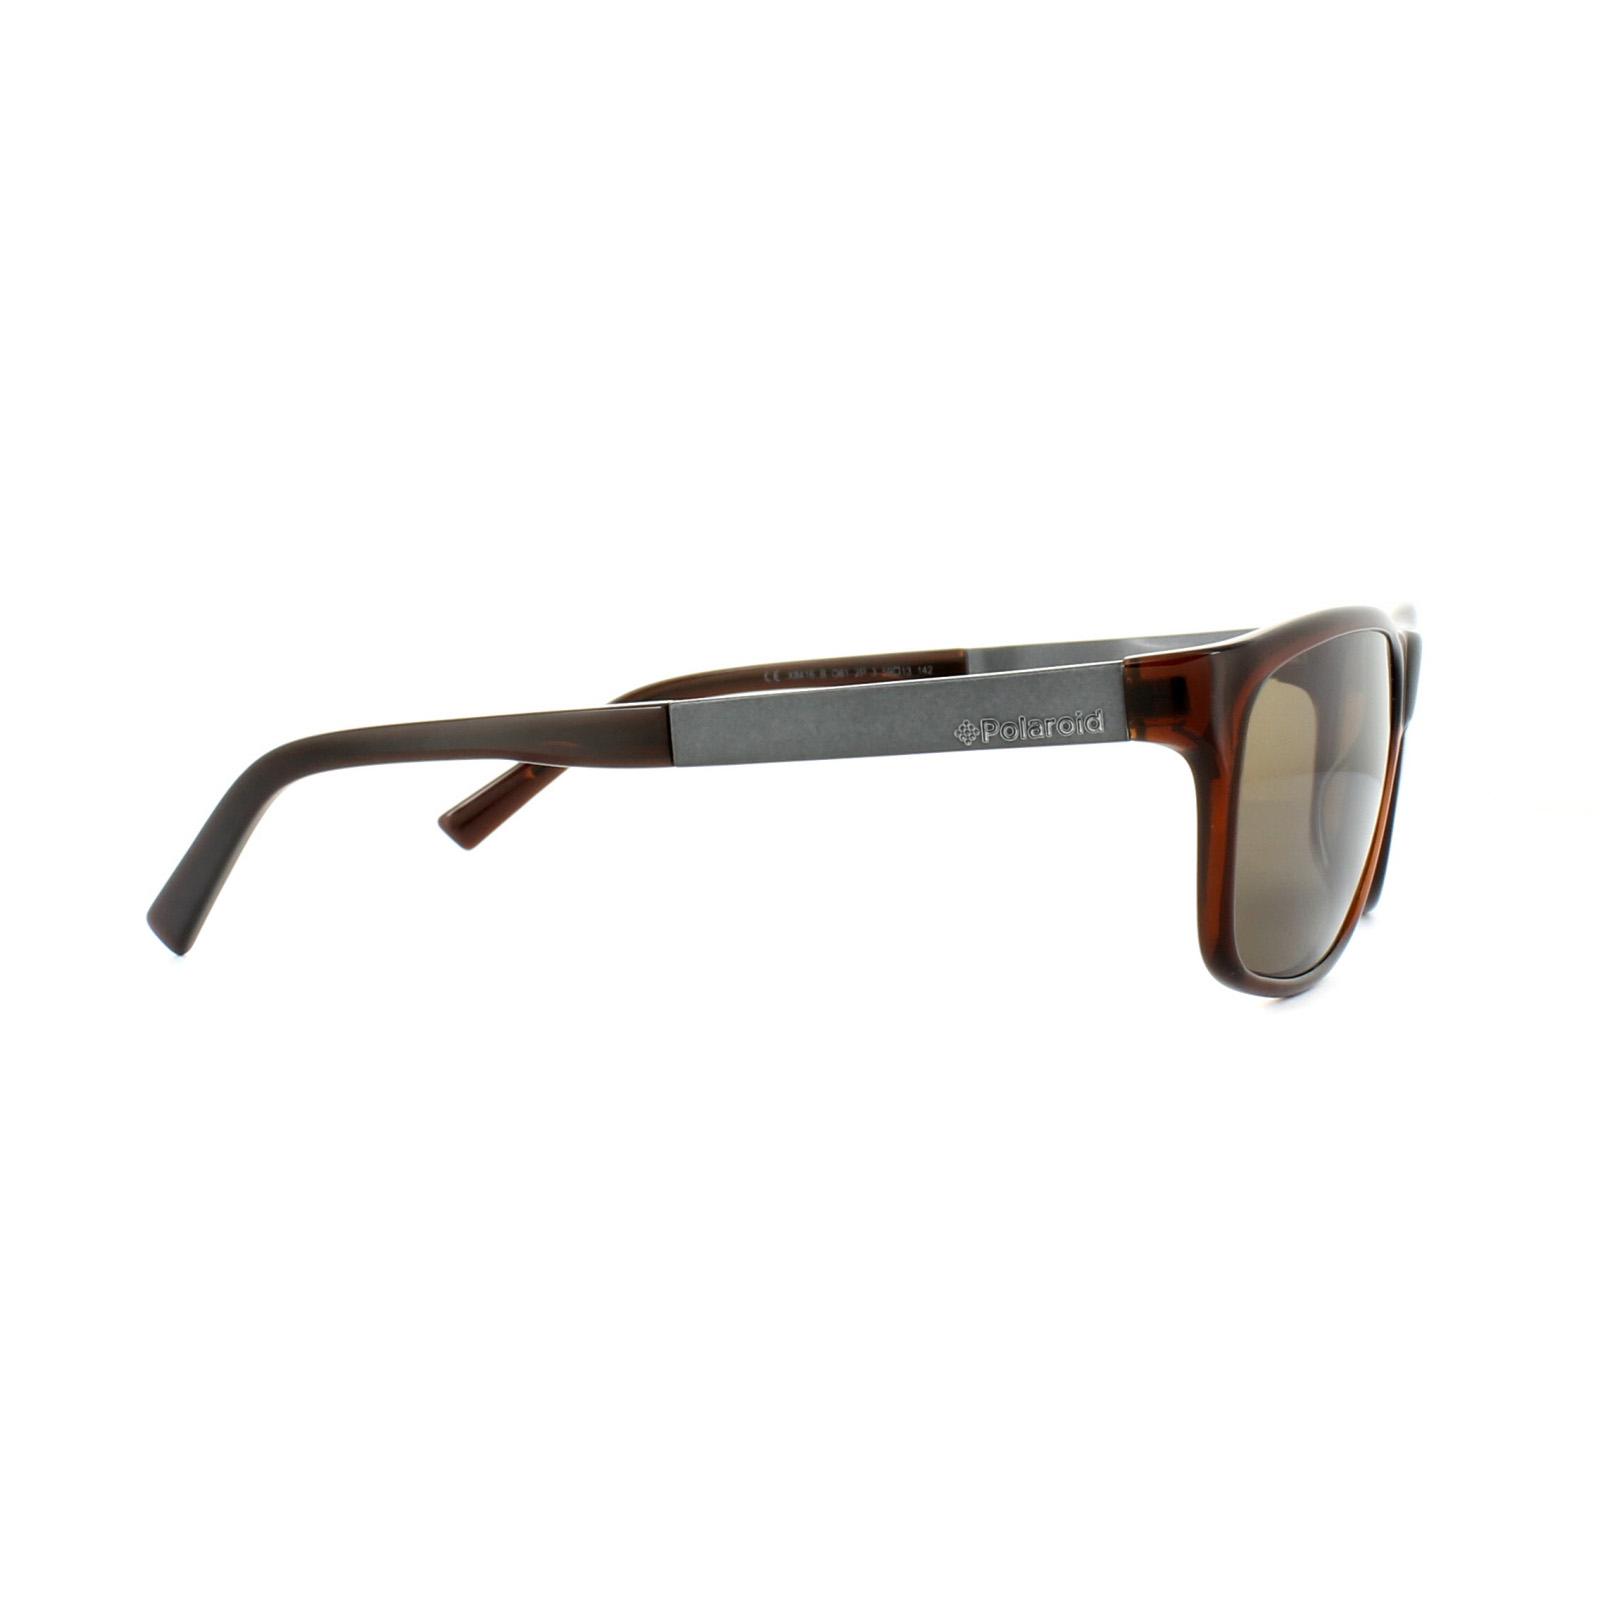 Polaroid Sonnenbrille X8416 081 2P Kristall Braun Braun Polarisiert PUQhzN9f4E